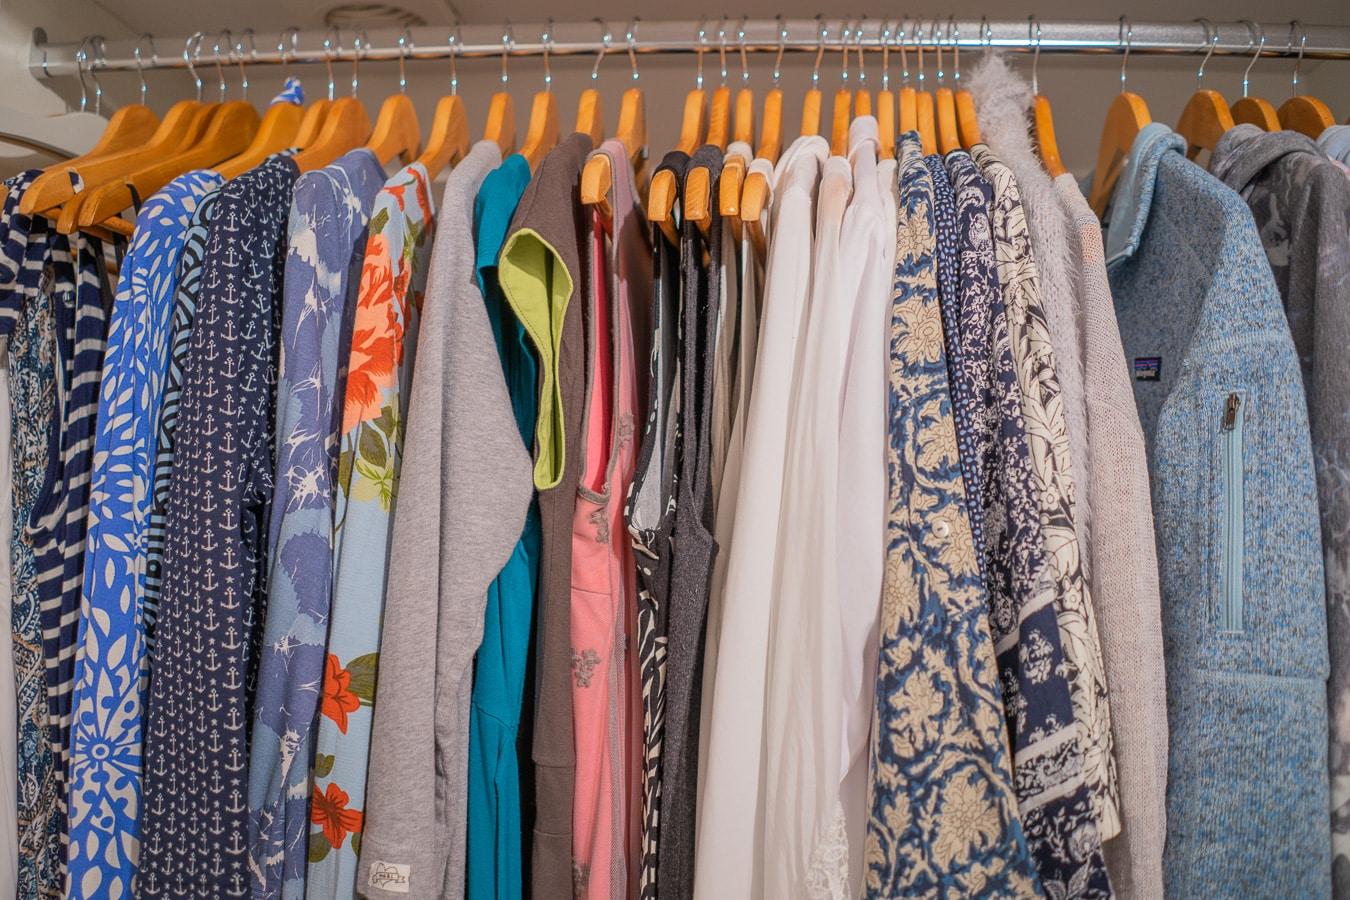 Farb- und Stilberatung für jede Frau – Teil 3 – Kleiderschrankcheck & Personal Shopping